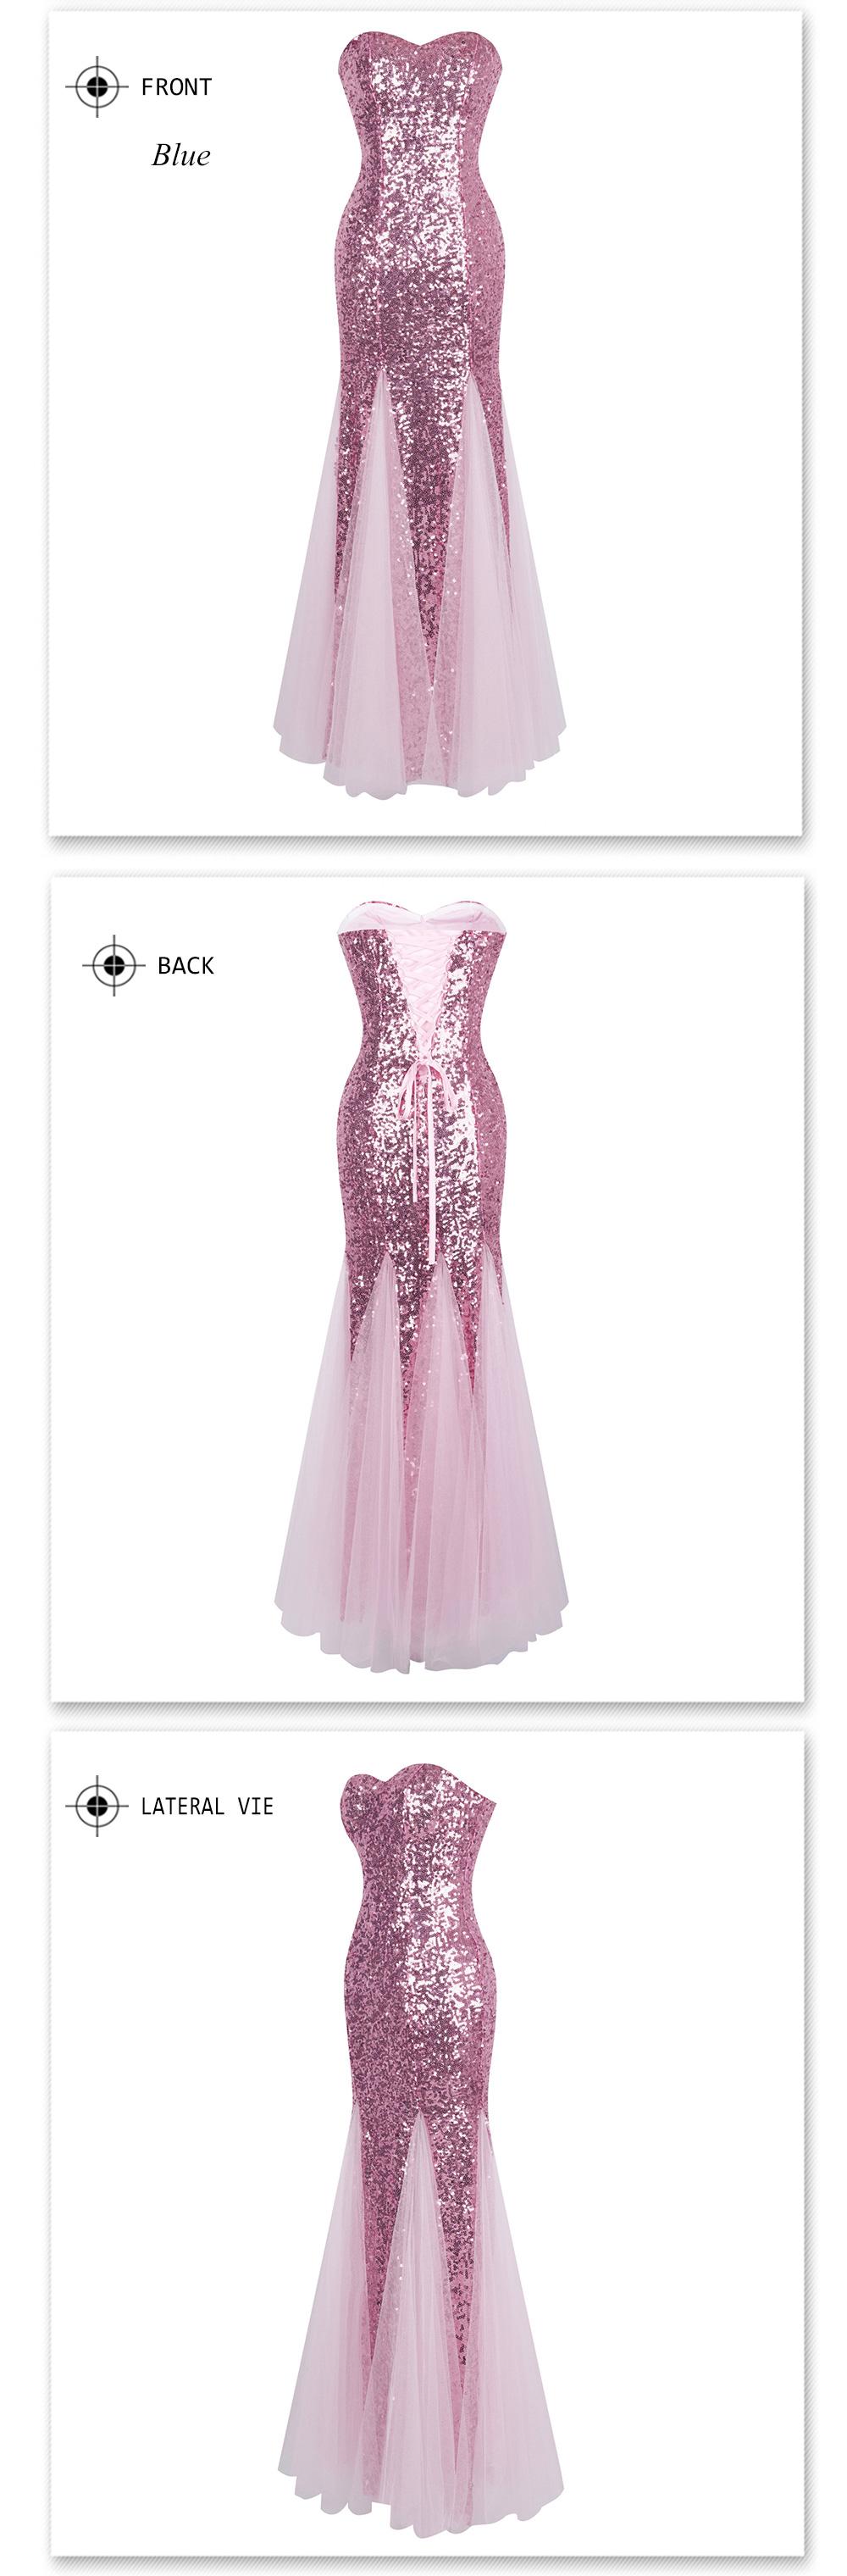 19c62de6b24 Angel-fashions Sequined Gradient Sash Hollow Out Celebrity Dress Long  Evening Dresses Blue 360 382USD 64.77 piece